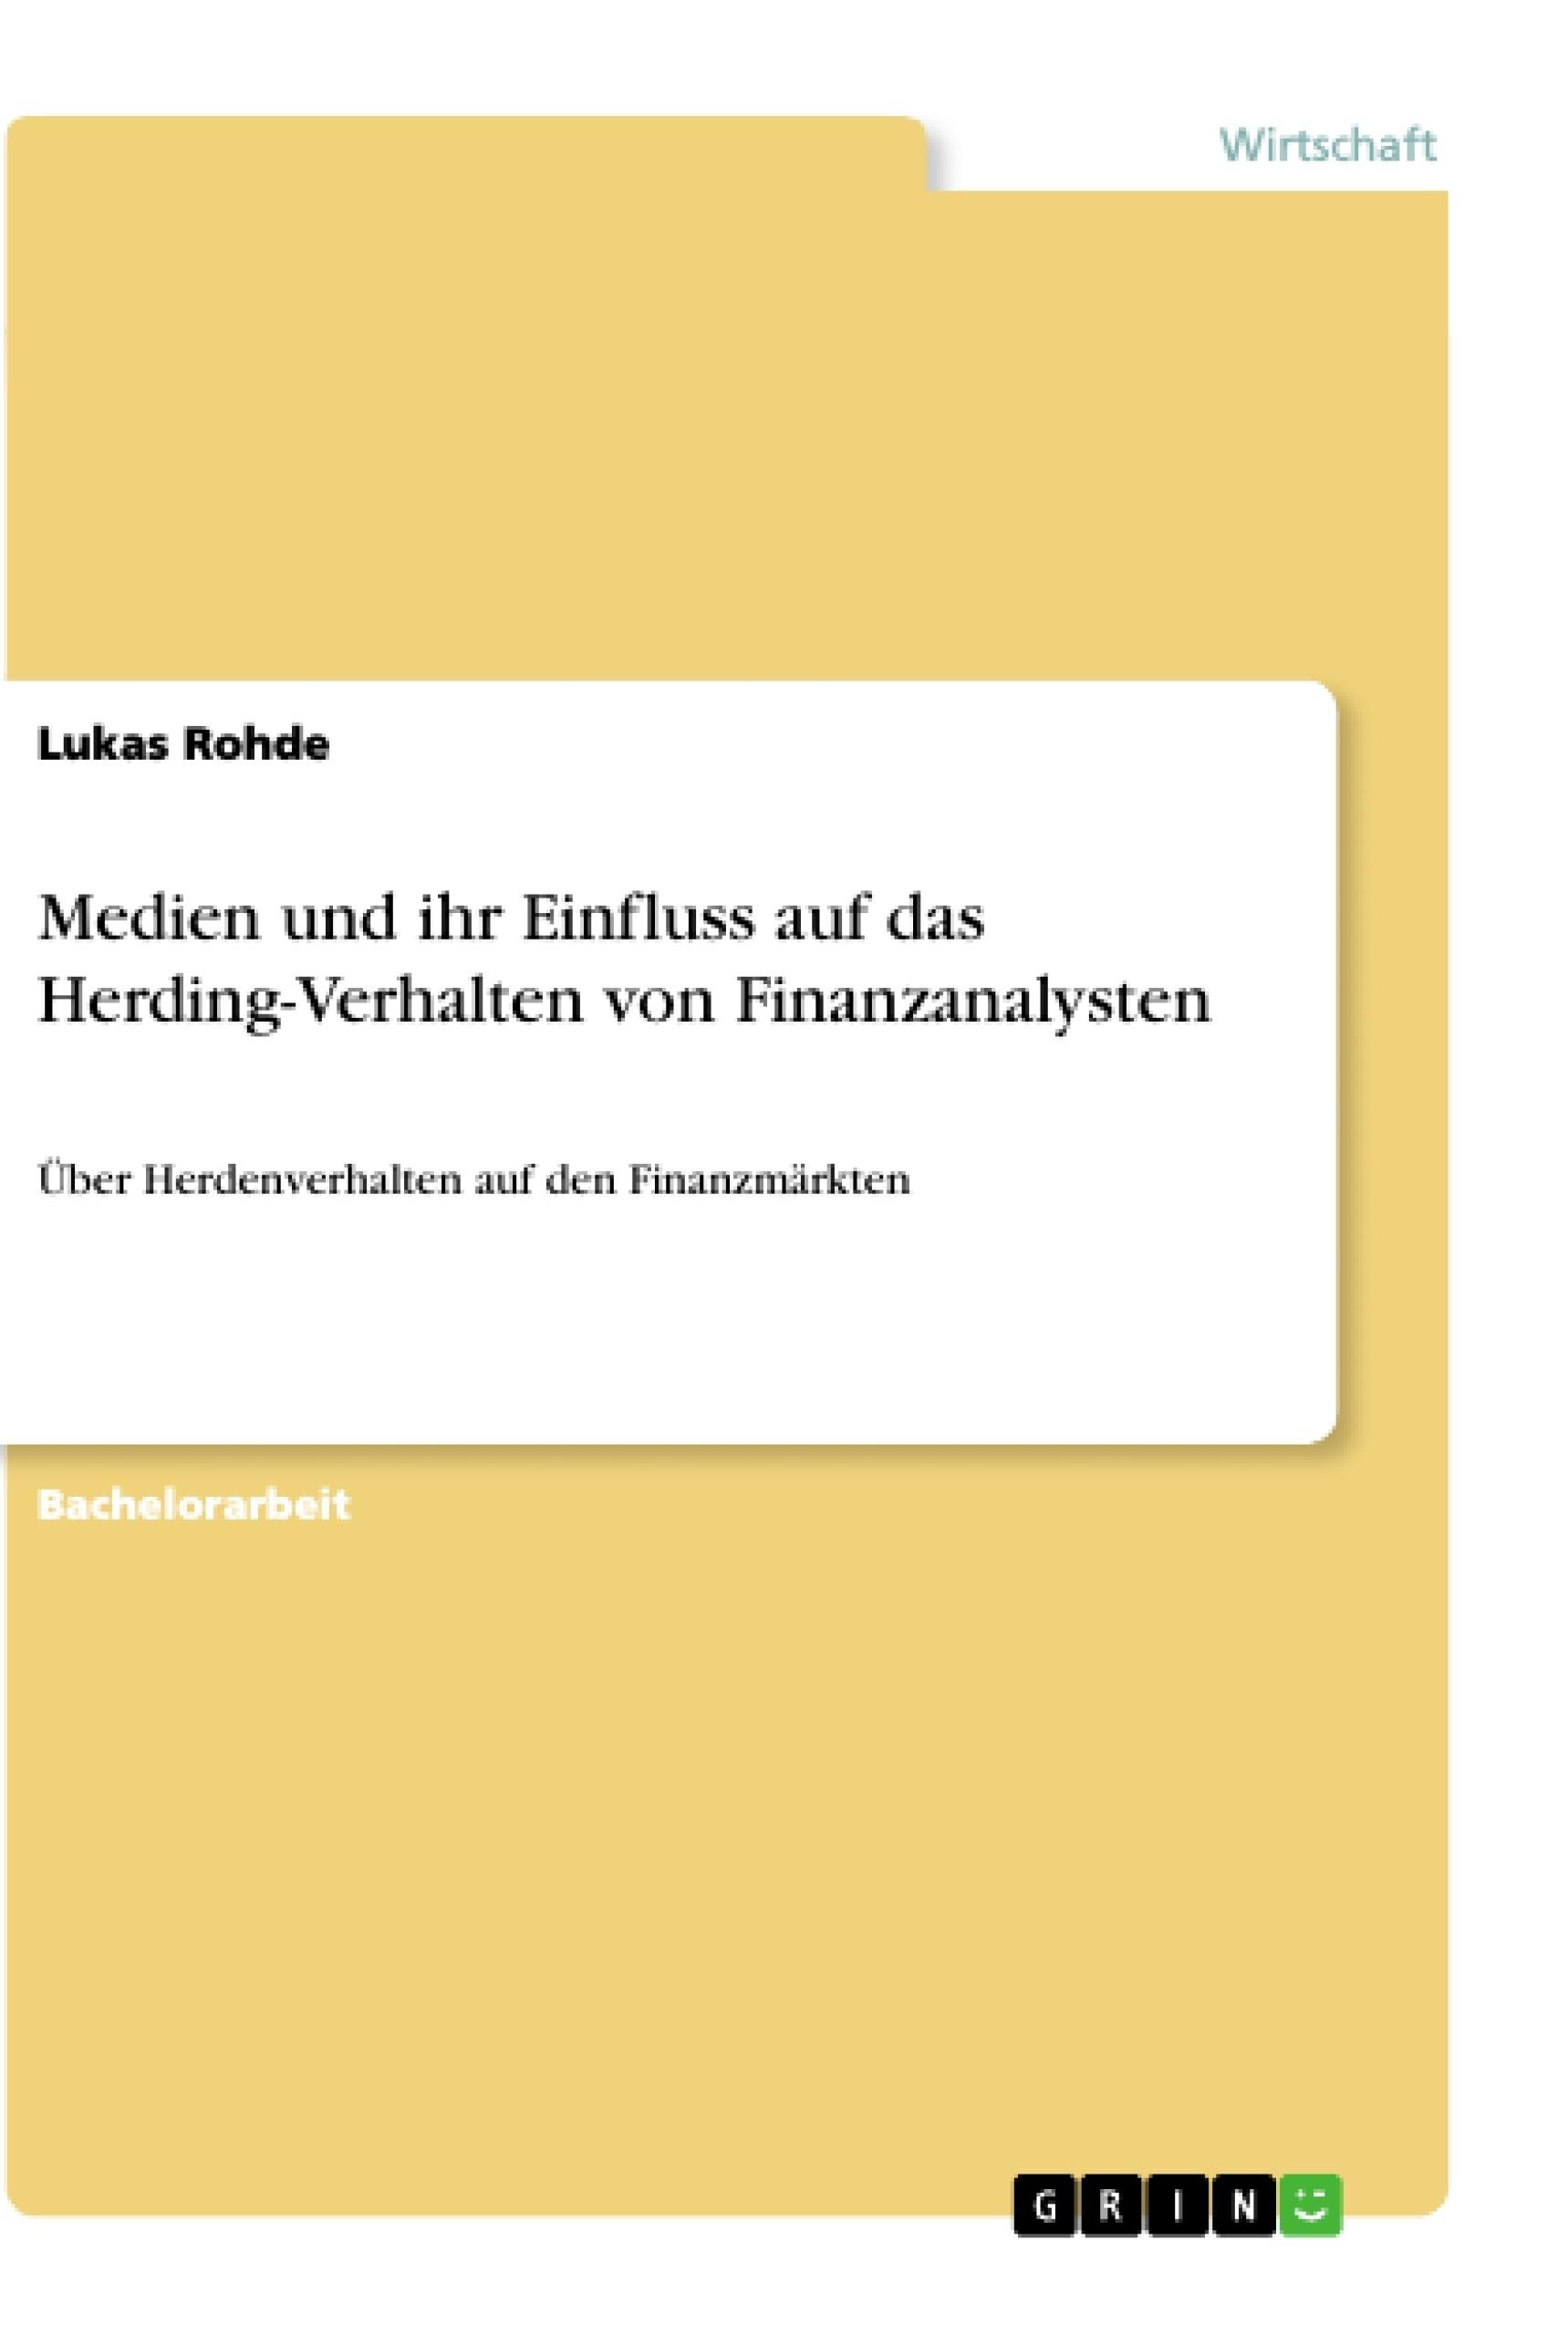 Titel: Medien und ihr Einfluss auf das Herding-Verhalten von Finanzanalysten